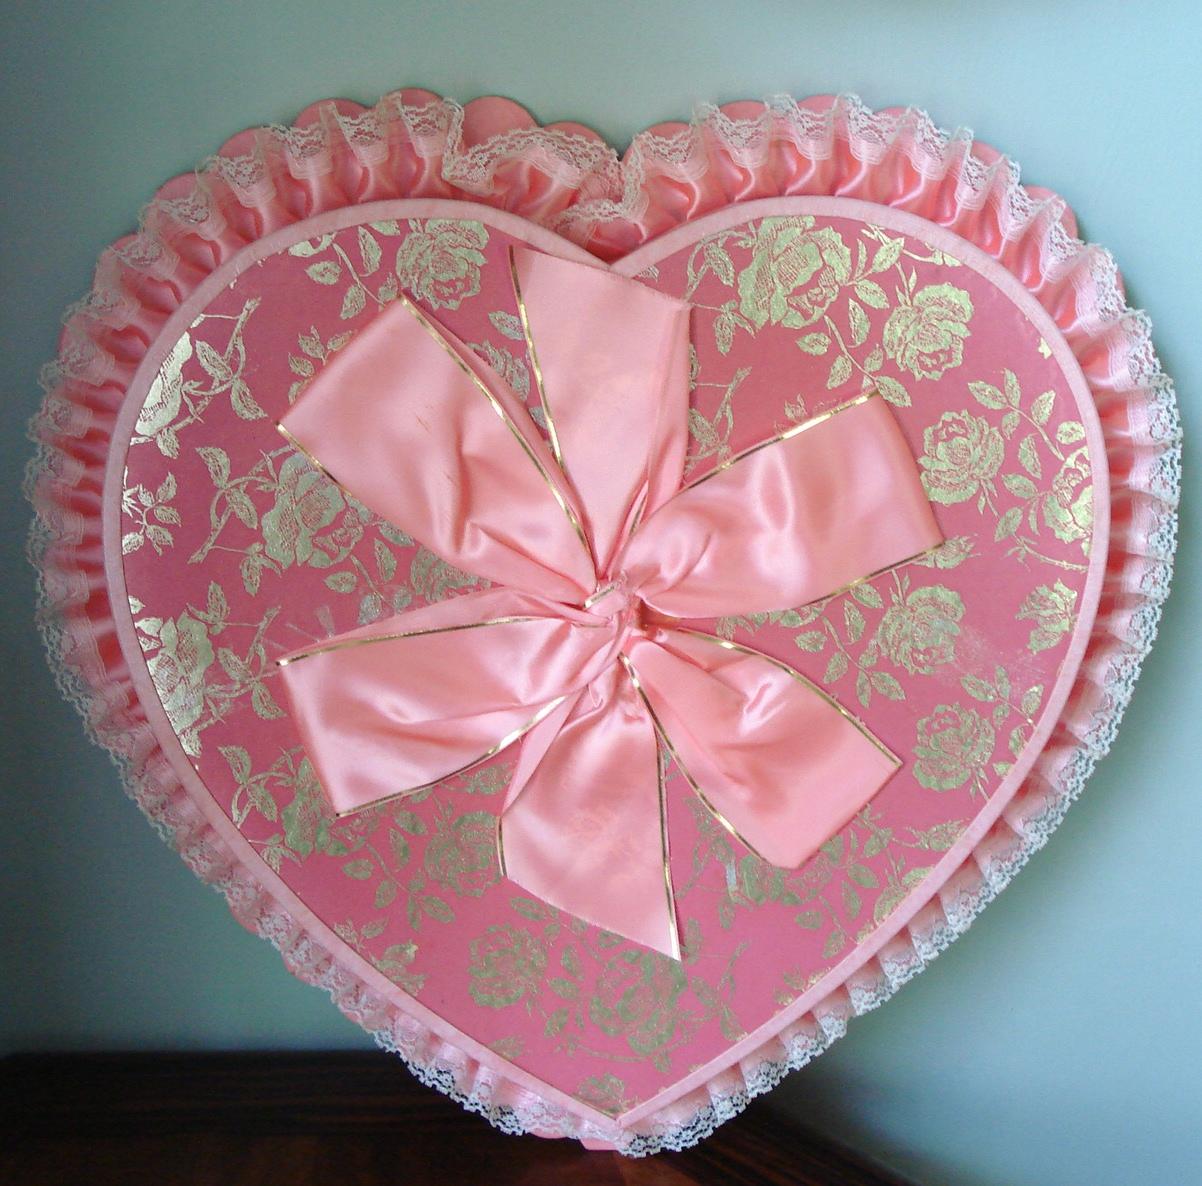 Maison Decor Vintage Valentine Candy Boxes